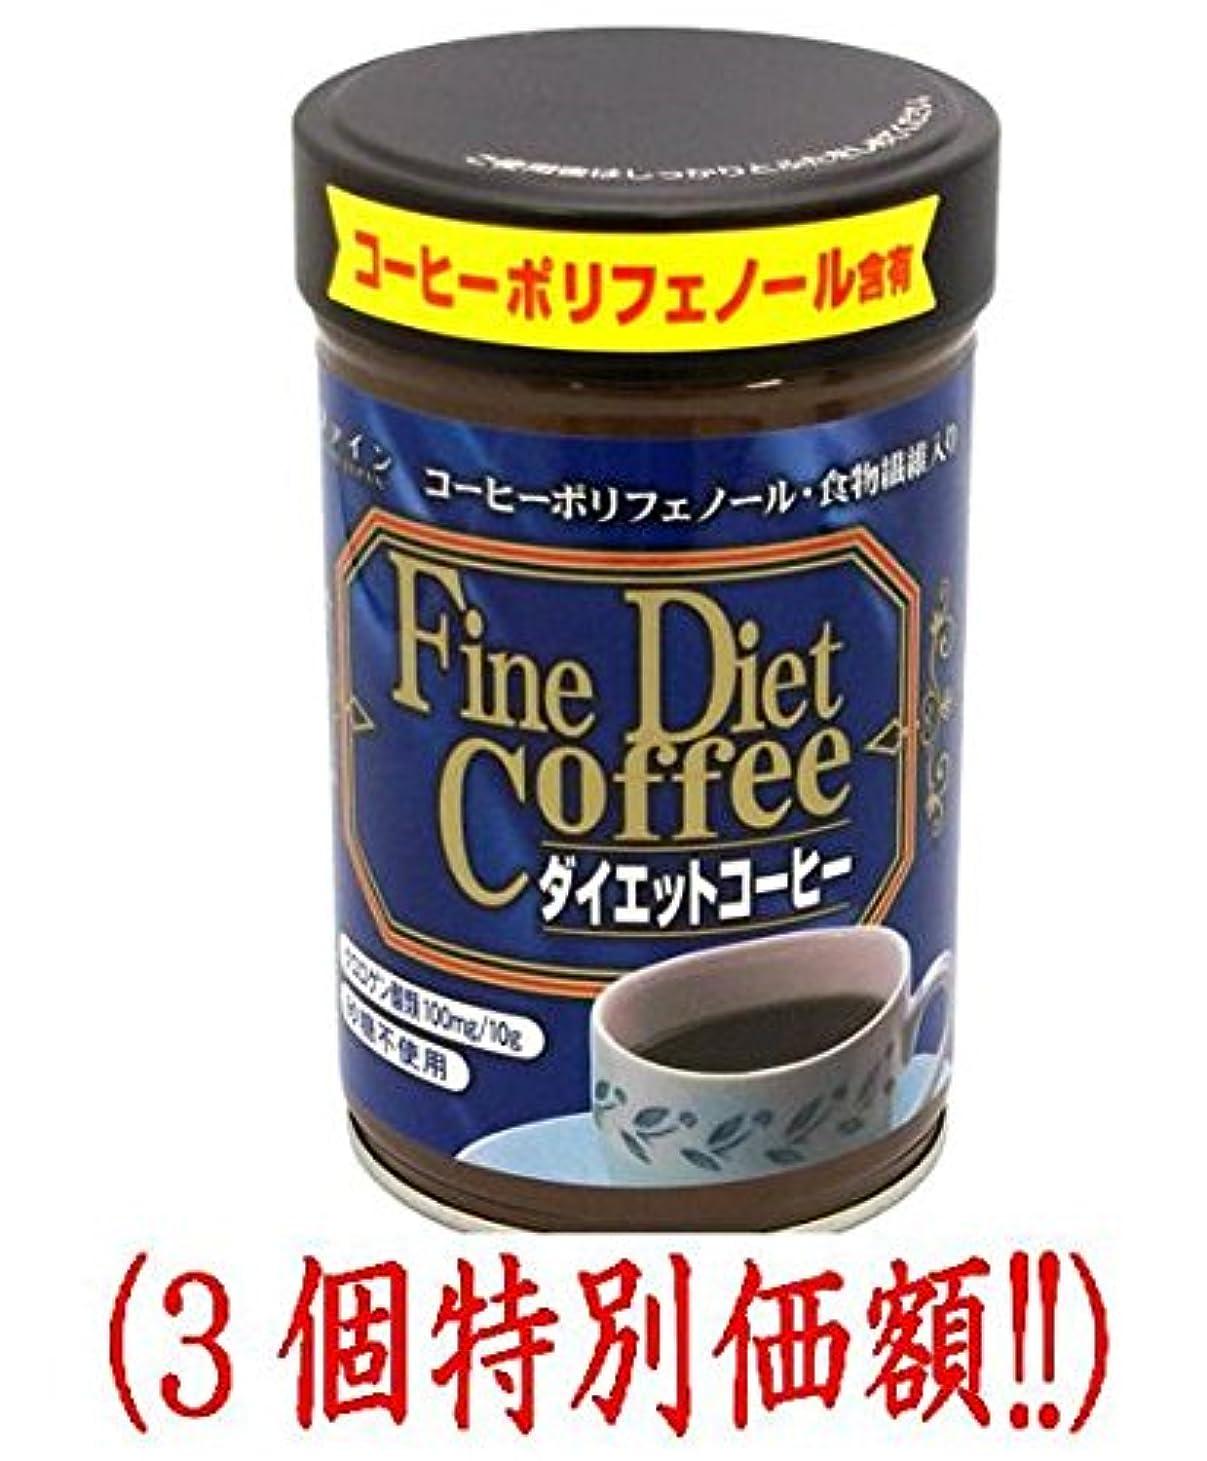 アレルギー性バッグ鎮静剤ファイン ダイエットコーヒー【3本セット】